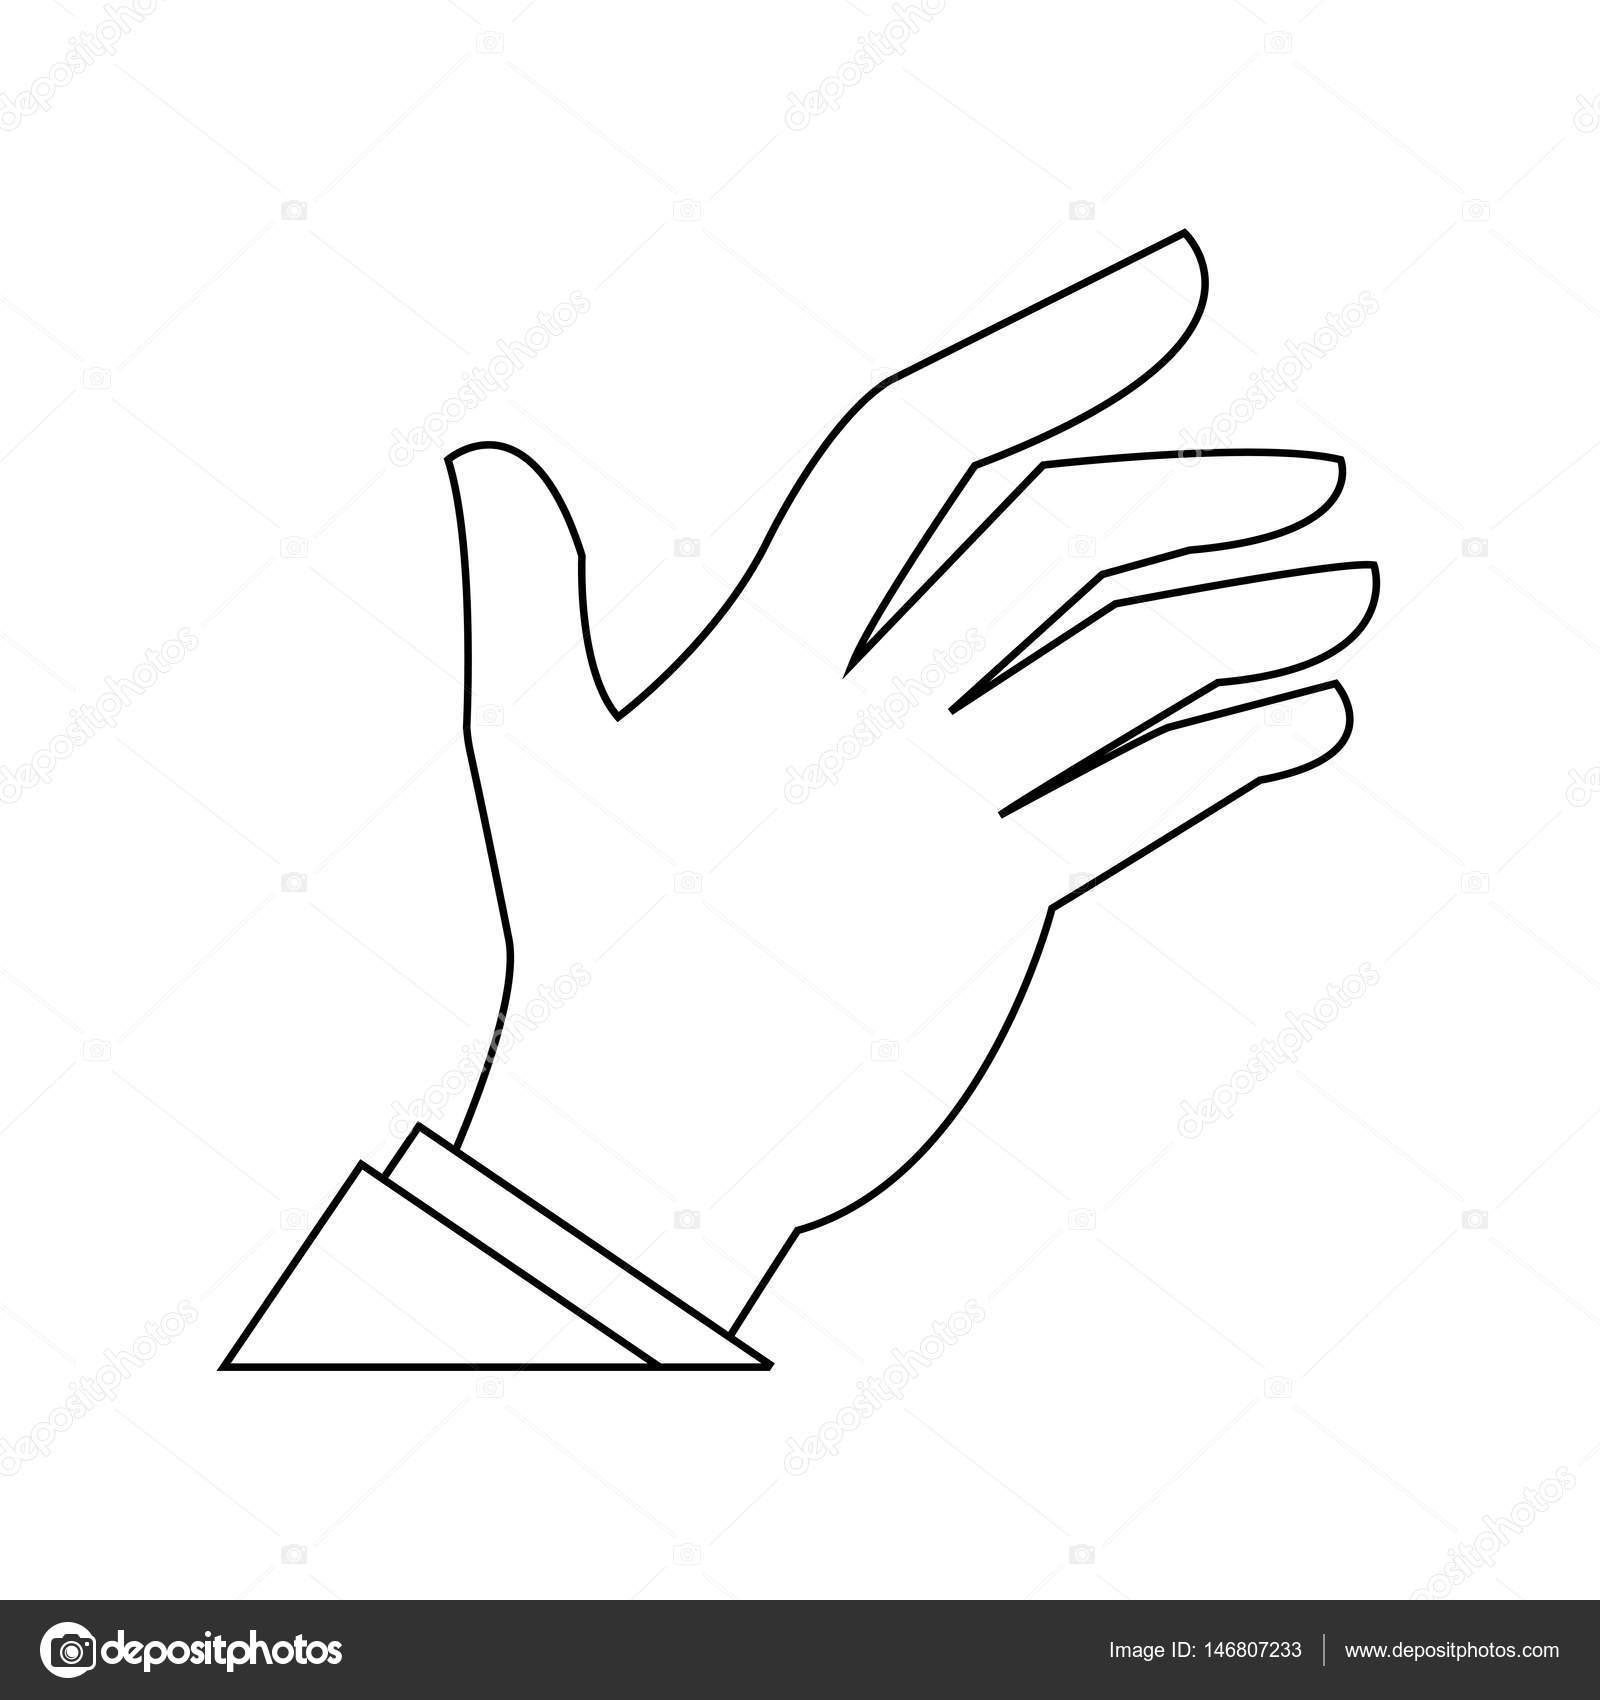 開いた手の形のアイコンの画像 ストックベクター Jemastock 146807233